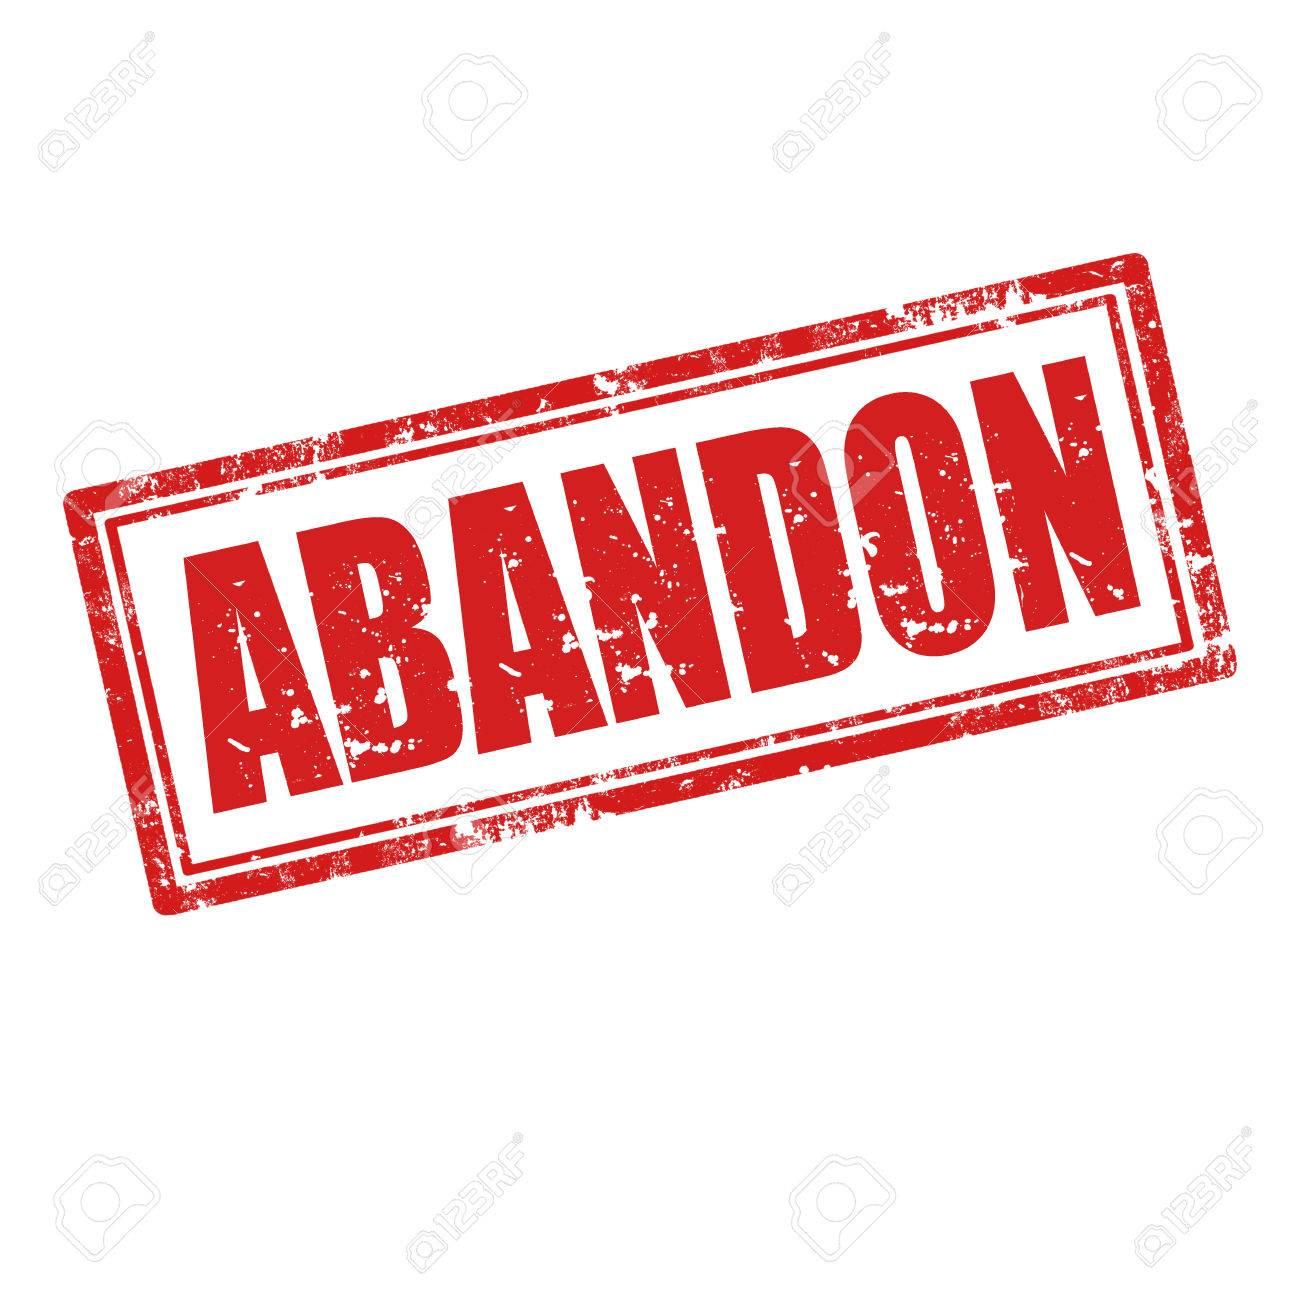 [ABANDON] Pincab Gerby08 23994014-Tampon-en-caoutchouc-grunge-avec-le-mot-abandon-illustration-vectorielle-Banque-d'images